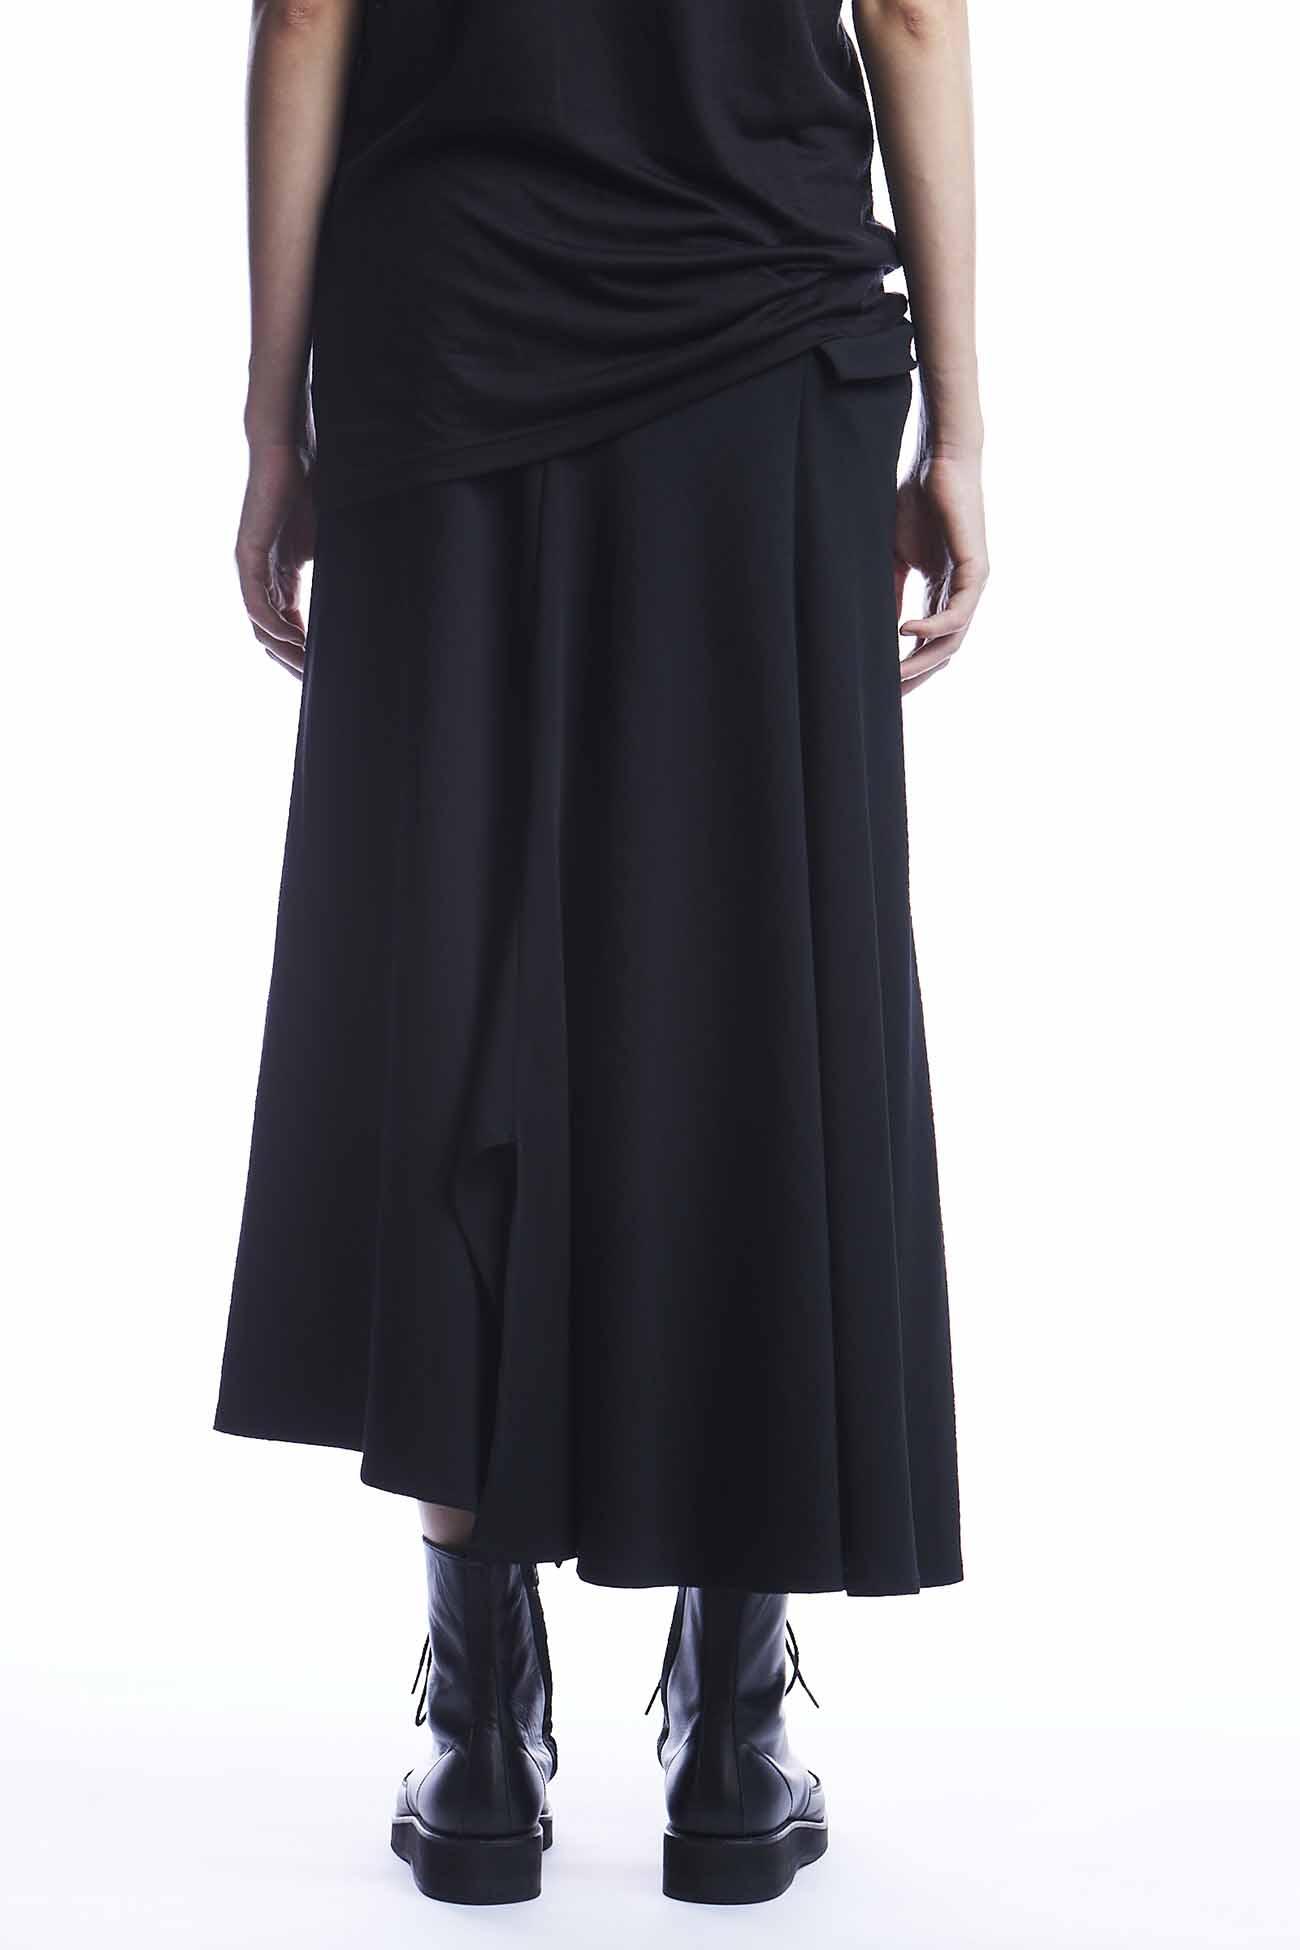 シワギャバ右めくれポケットスカート